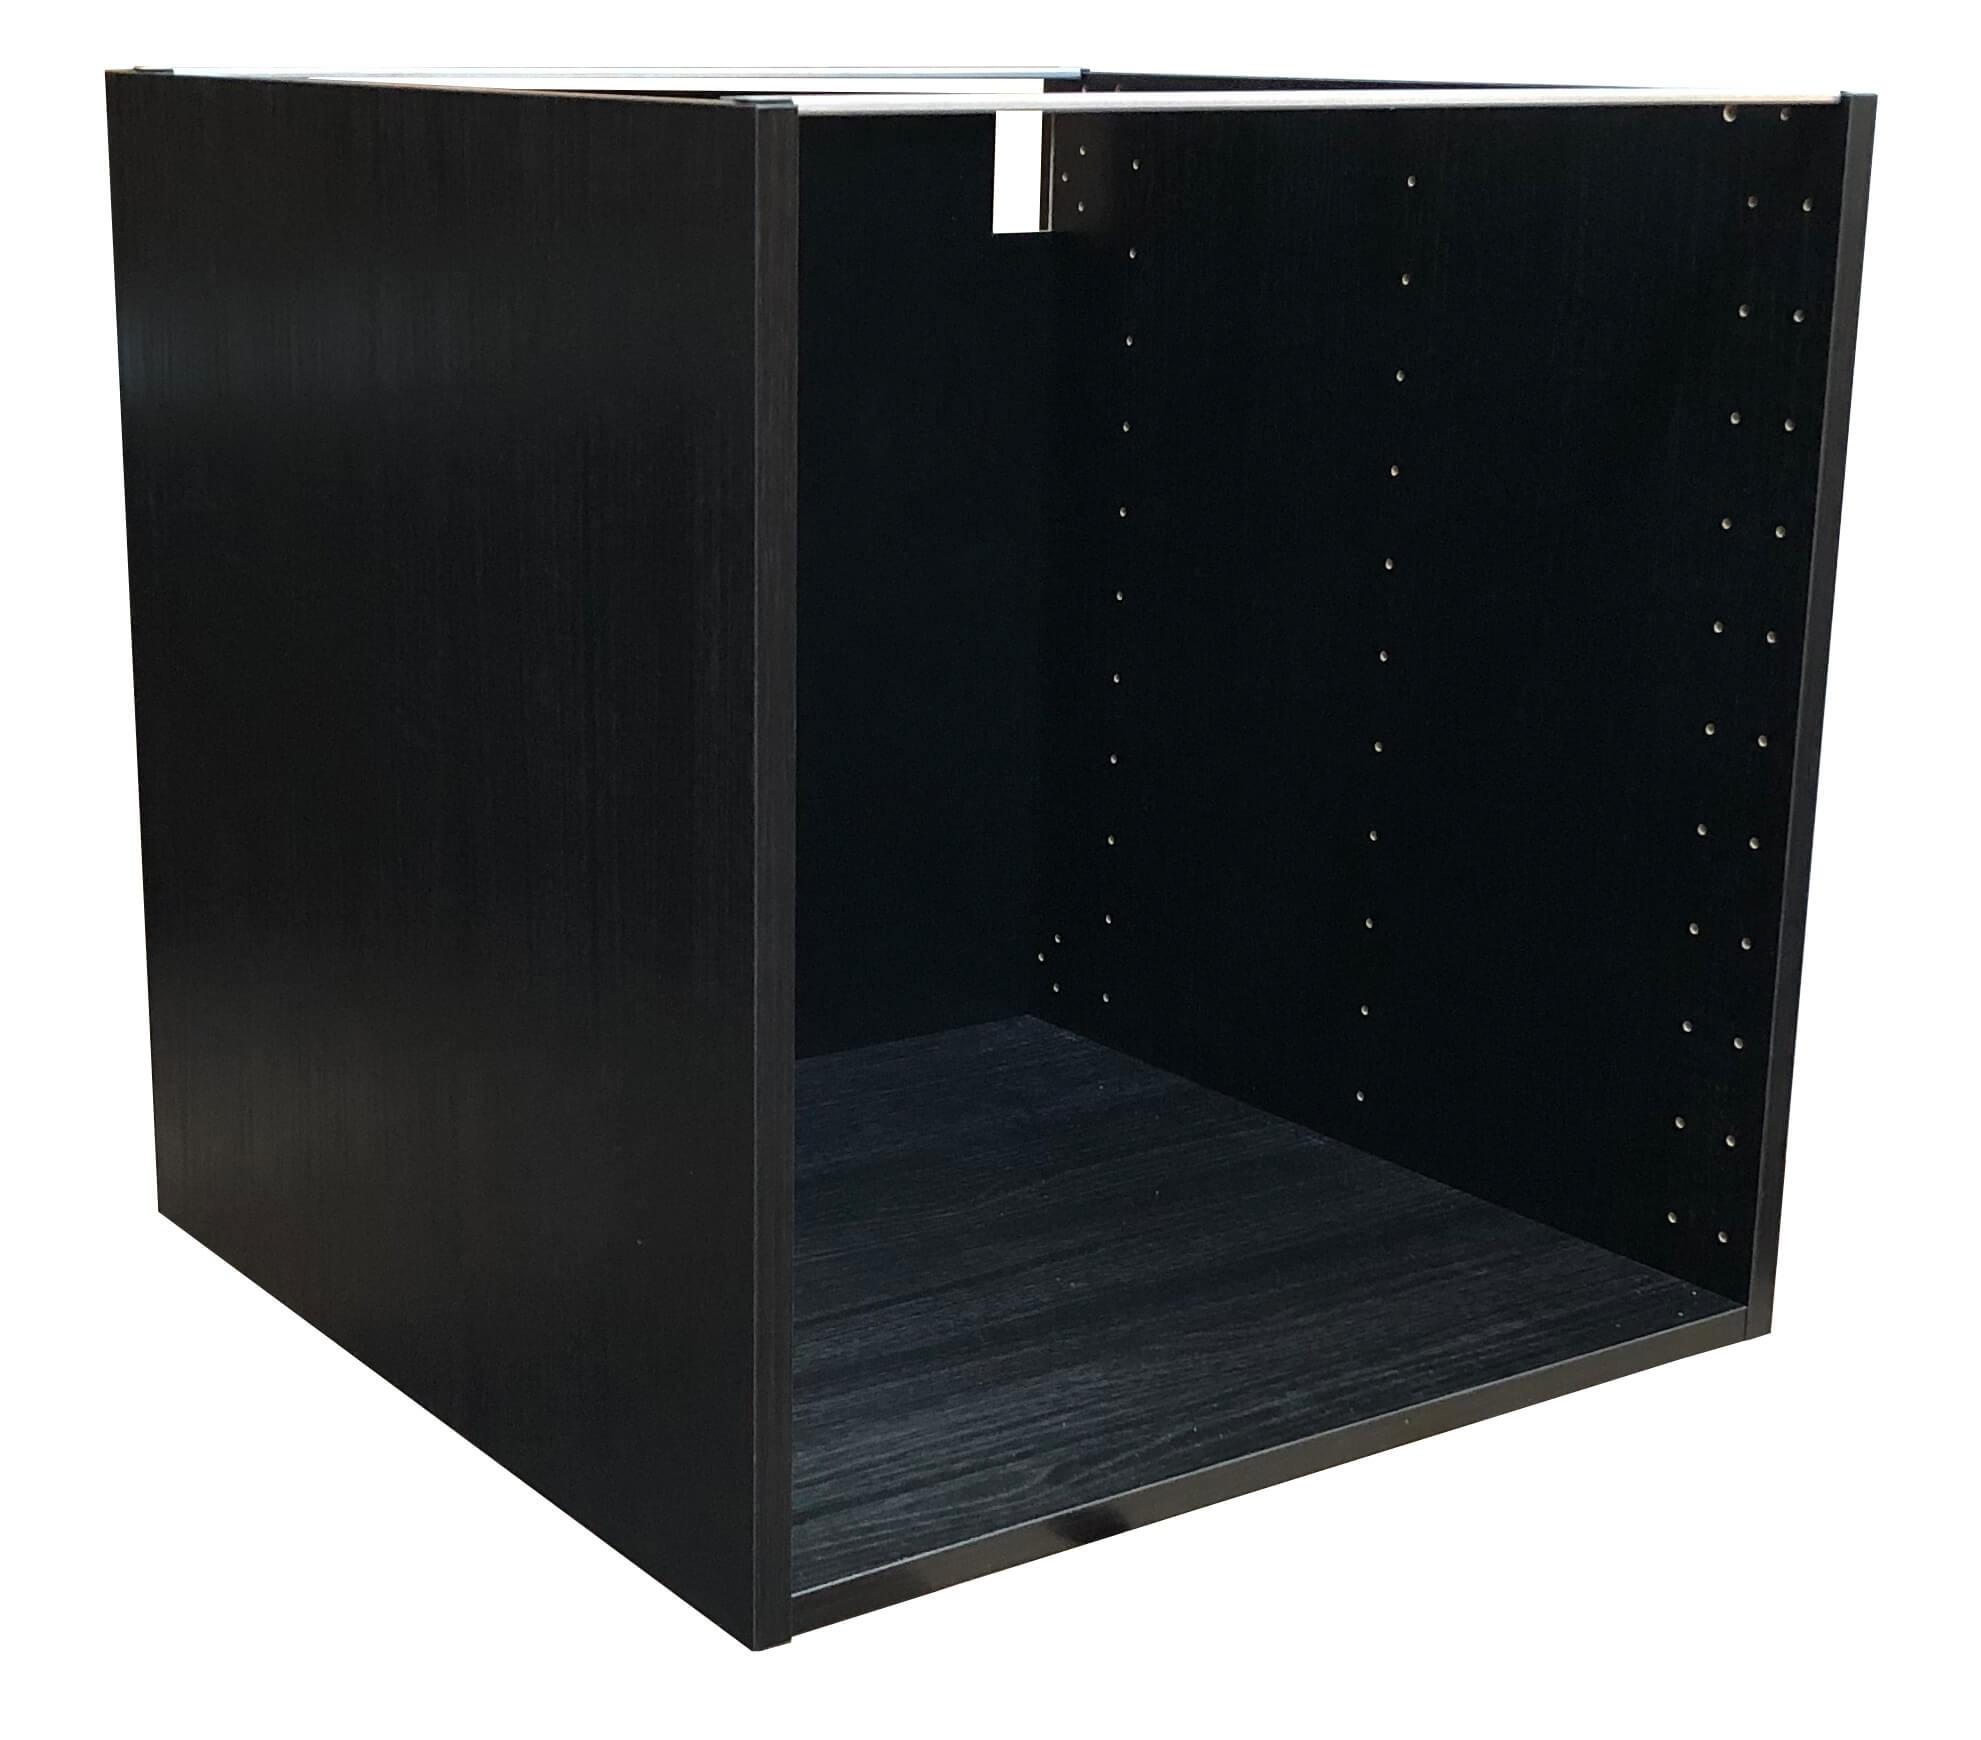 Full Size of Ikea Unterschrank Metod 60x60x60cm 80246121 Betten 160x200 Bad Holz Küche Kosten Modulküche Eckunterschrank Miniküche Sofa Mit Schlaffunktion Badezimmer Wohnzimmer Ikea Unterschrank